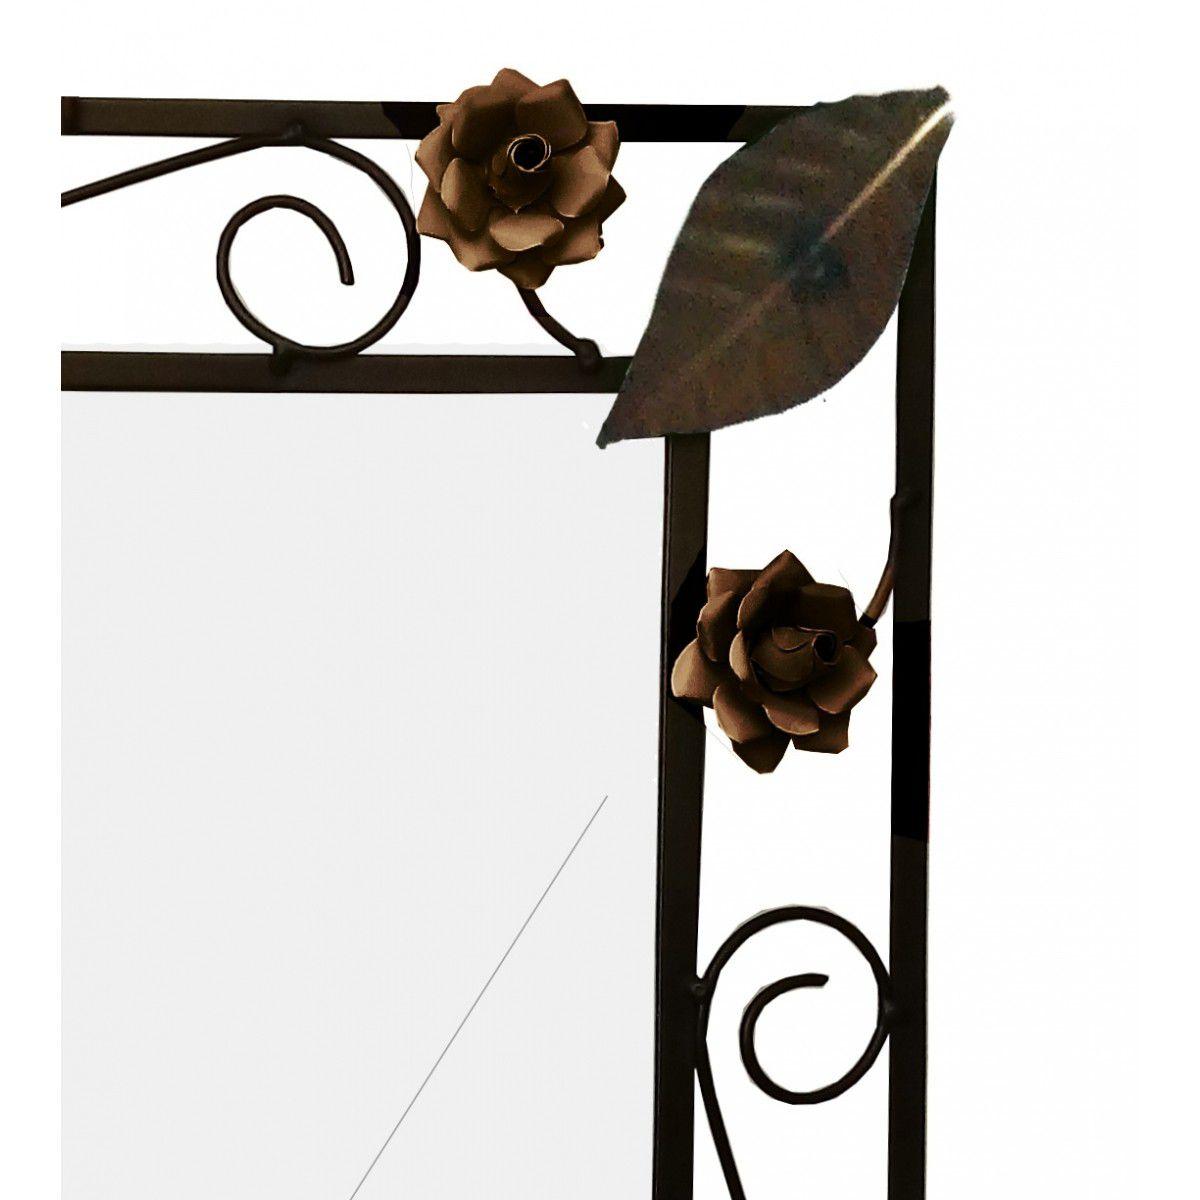 Espelho Banheiro com Moldura Artesanal de Ferro com Flores Rusticas